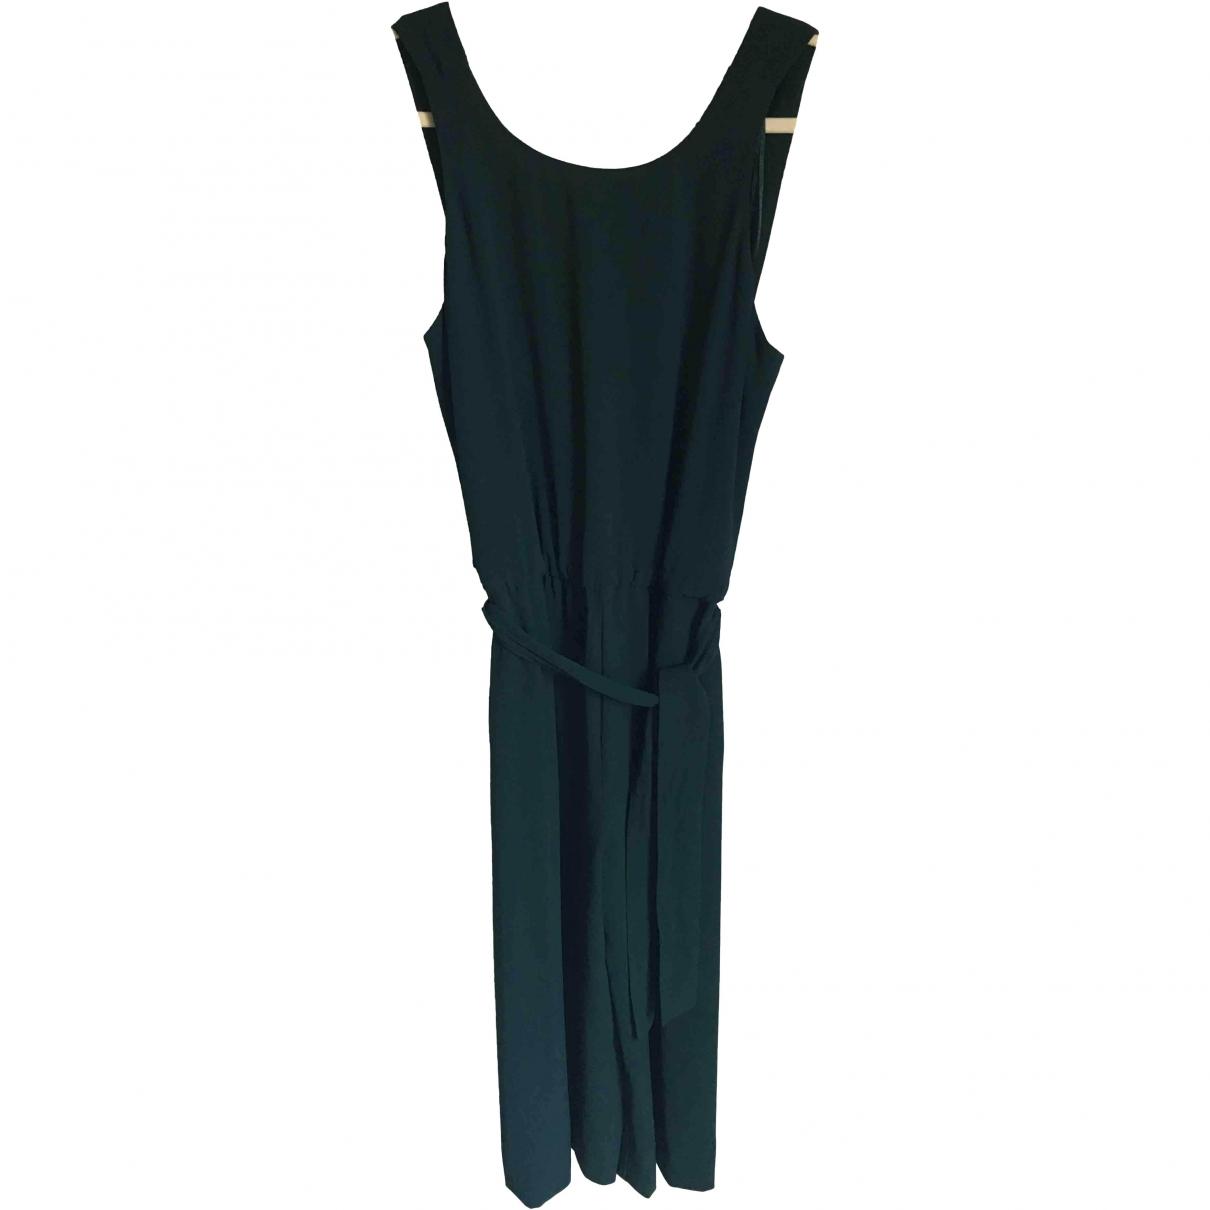 Zara \N Green jumpsuit for Women XS International